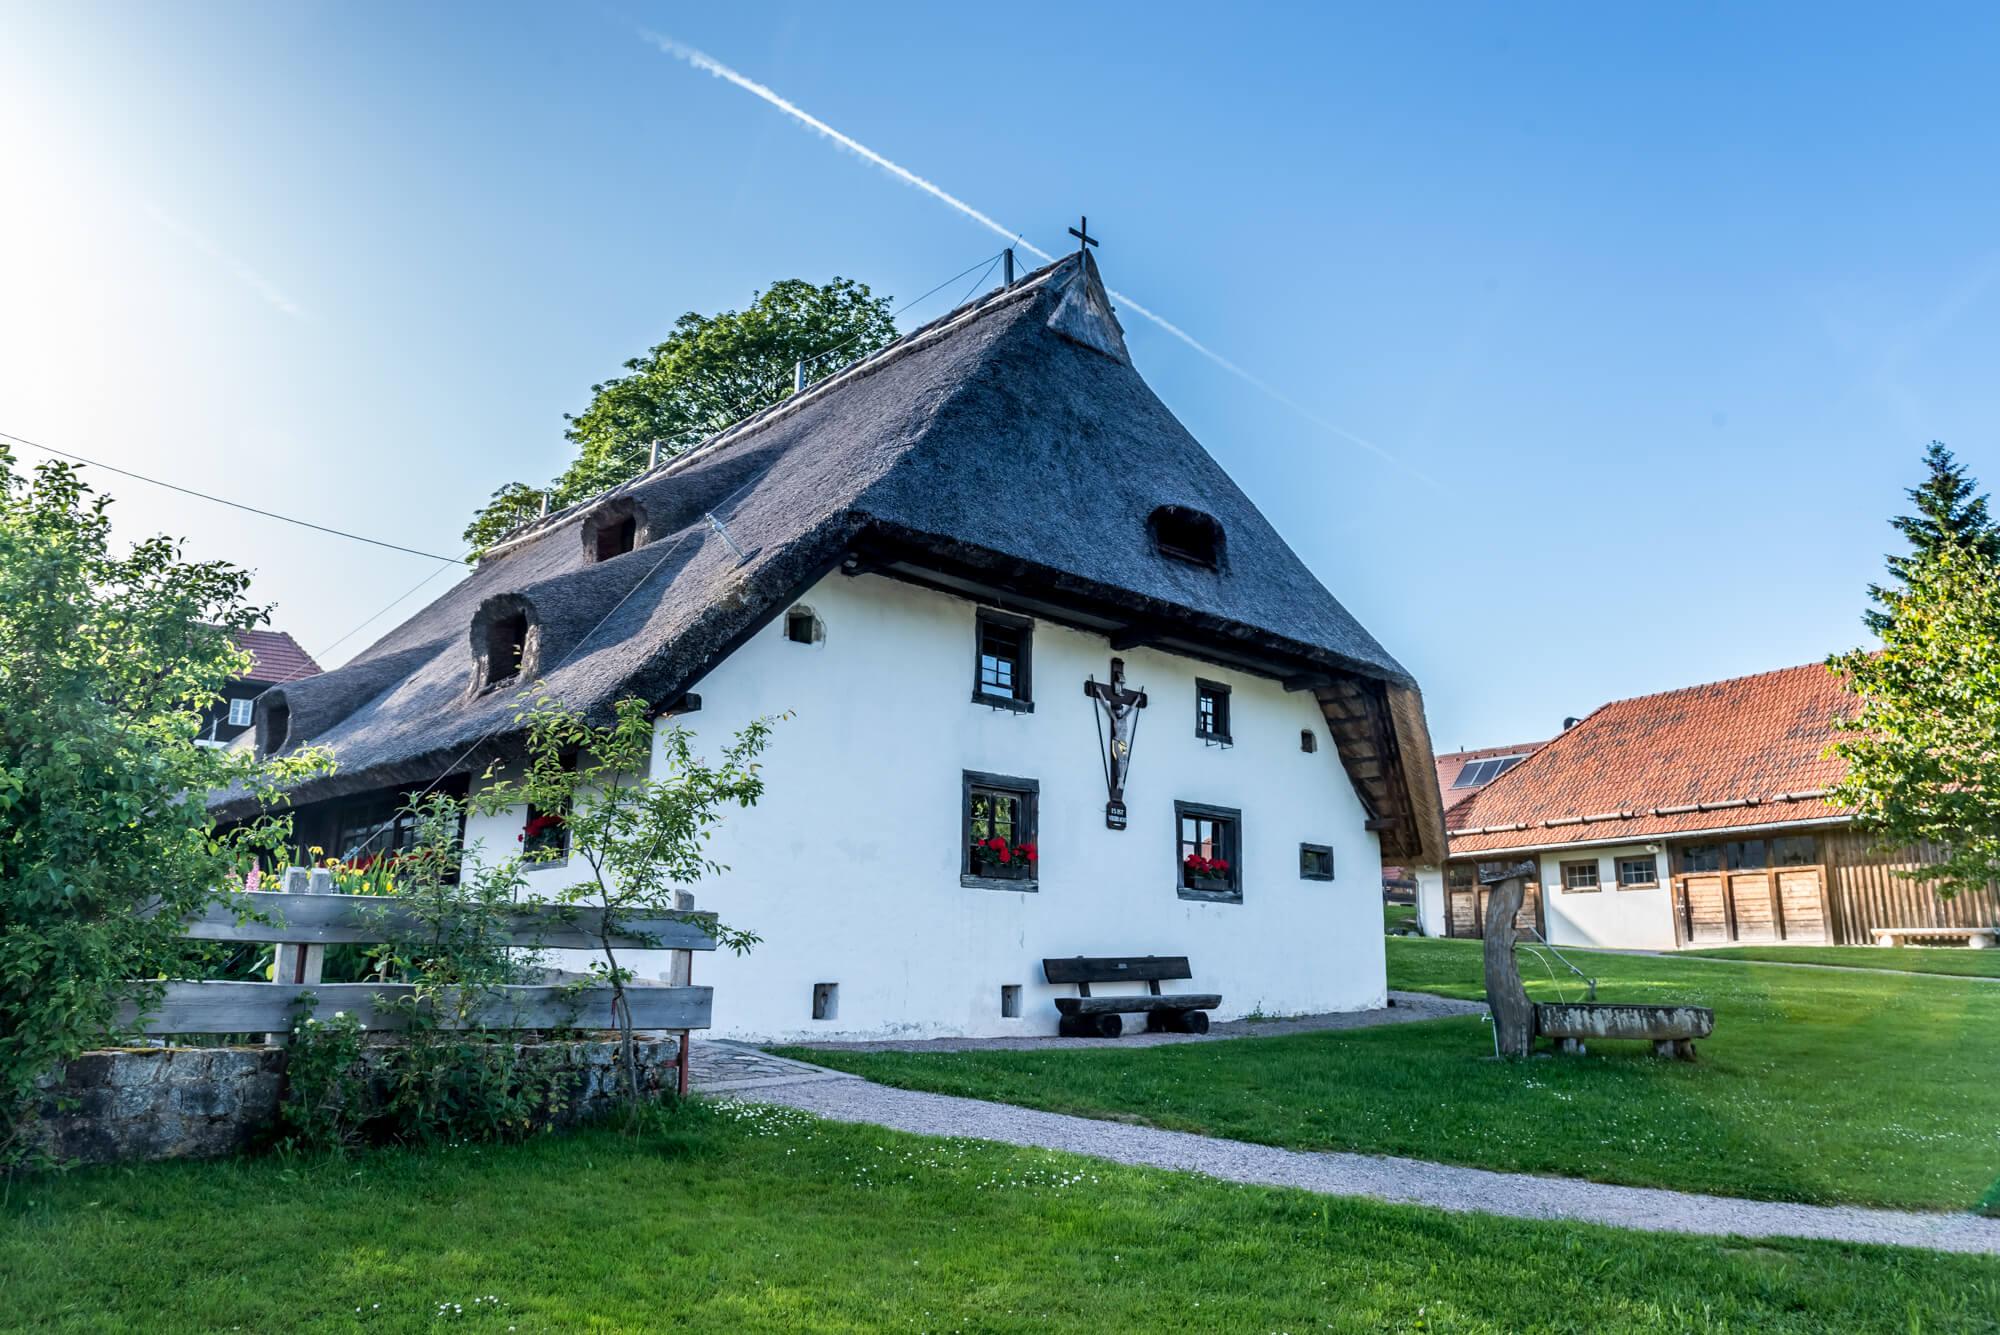 Klausenhof, Herrischried, Ferienwelt, Südschwarzwald, Schwarzwald, Natur, Landschaft, Wandern, Radfahren, Schwarzwaldhaus, Rieddach